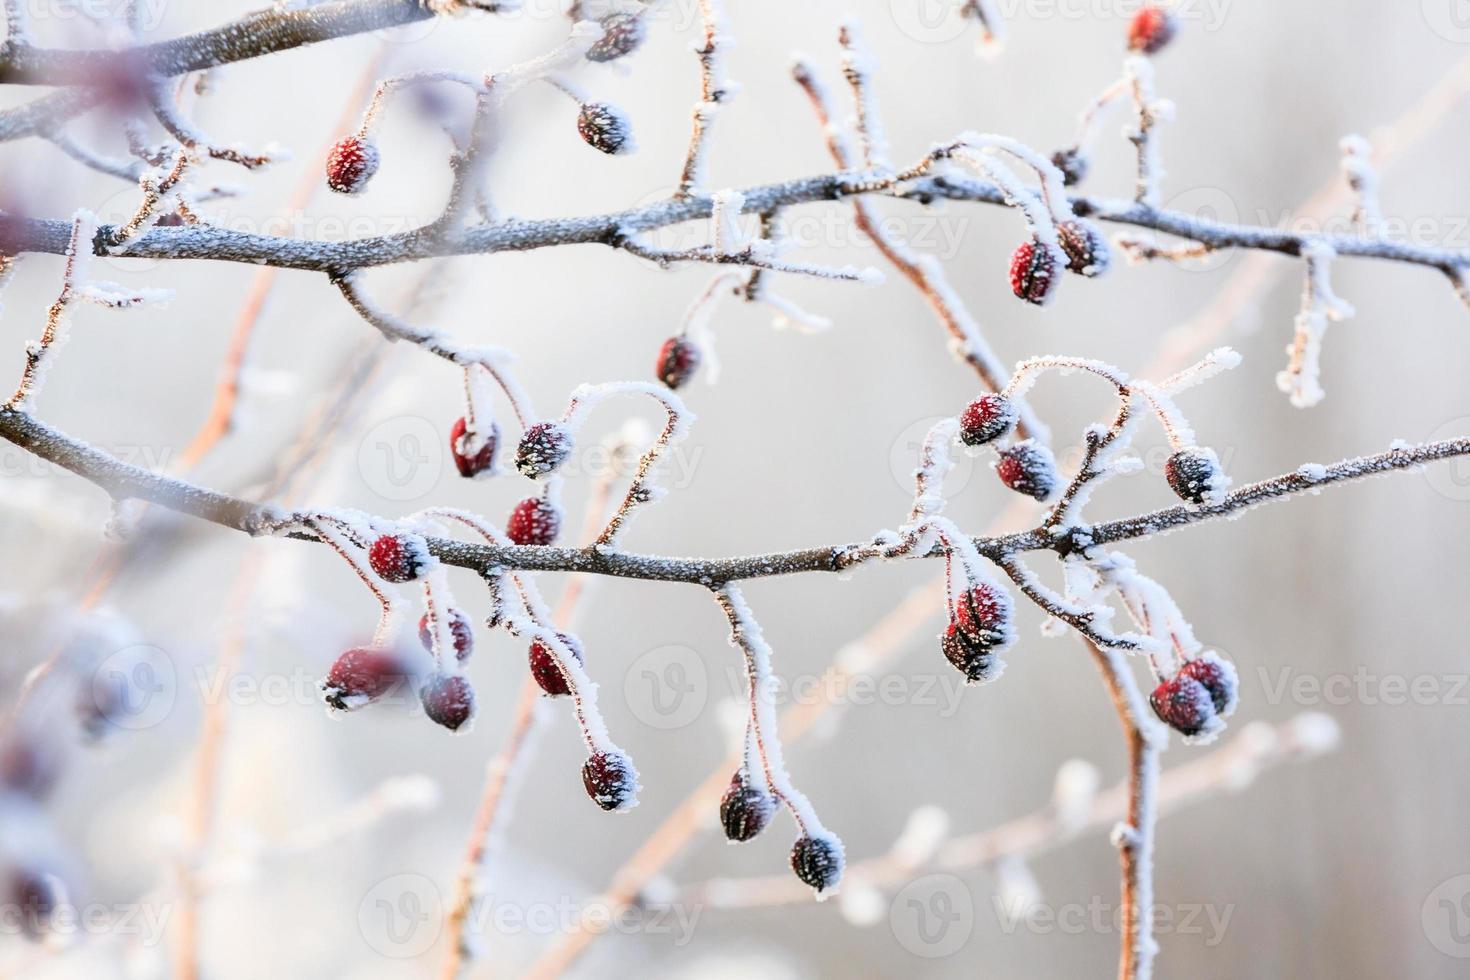 rote Beeren auf den gefrorenen Zweigen mit Raureif bedeckt foto